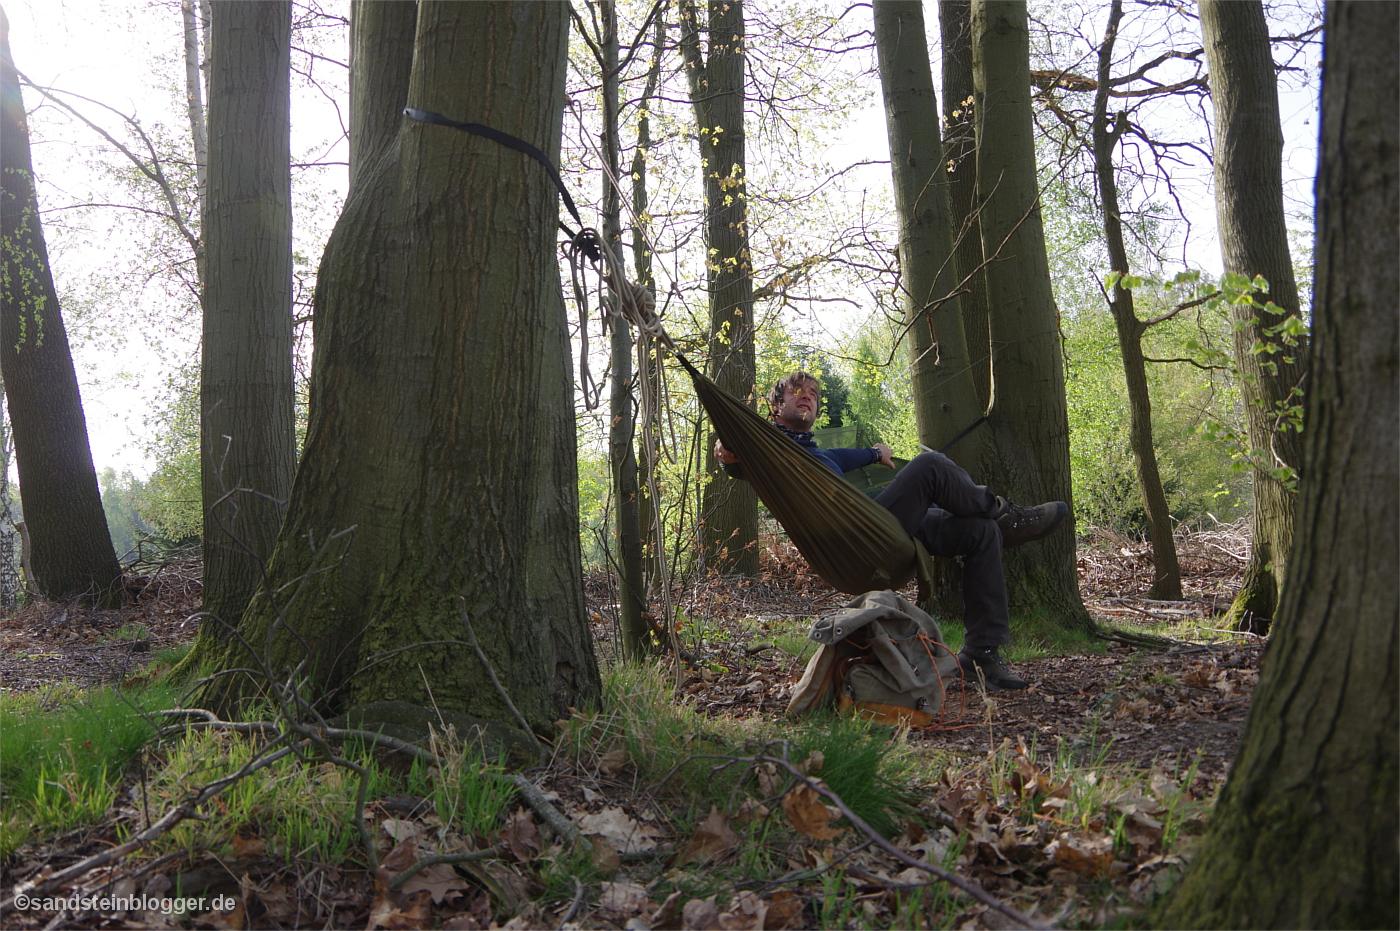 Ein Mann sitzt in einer Hängematte, ringsherum Wald